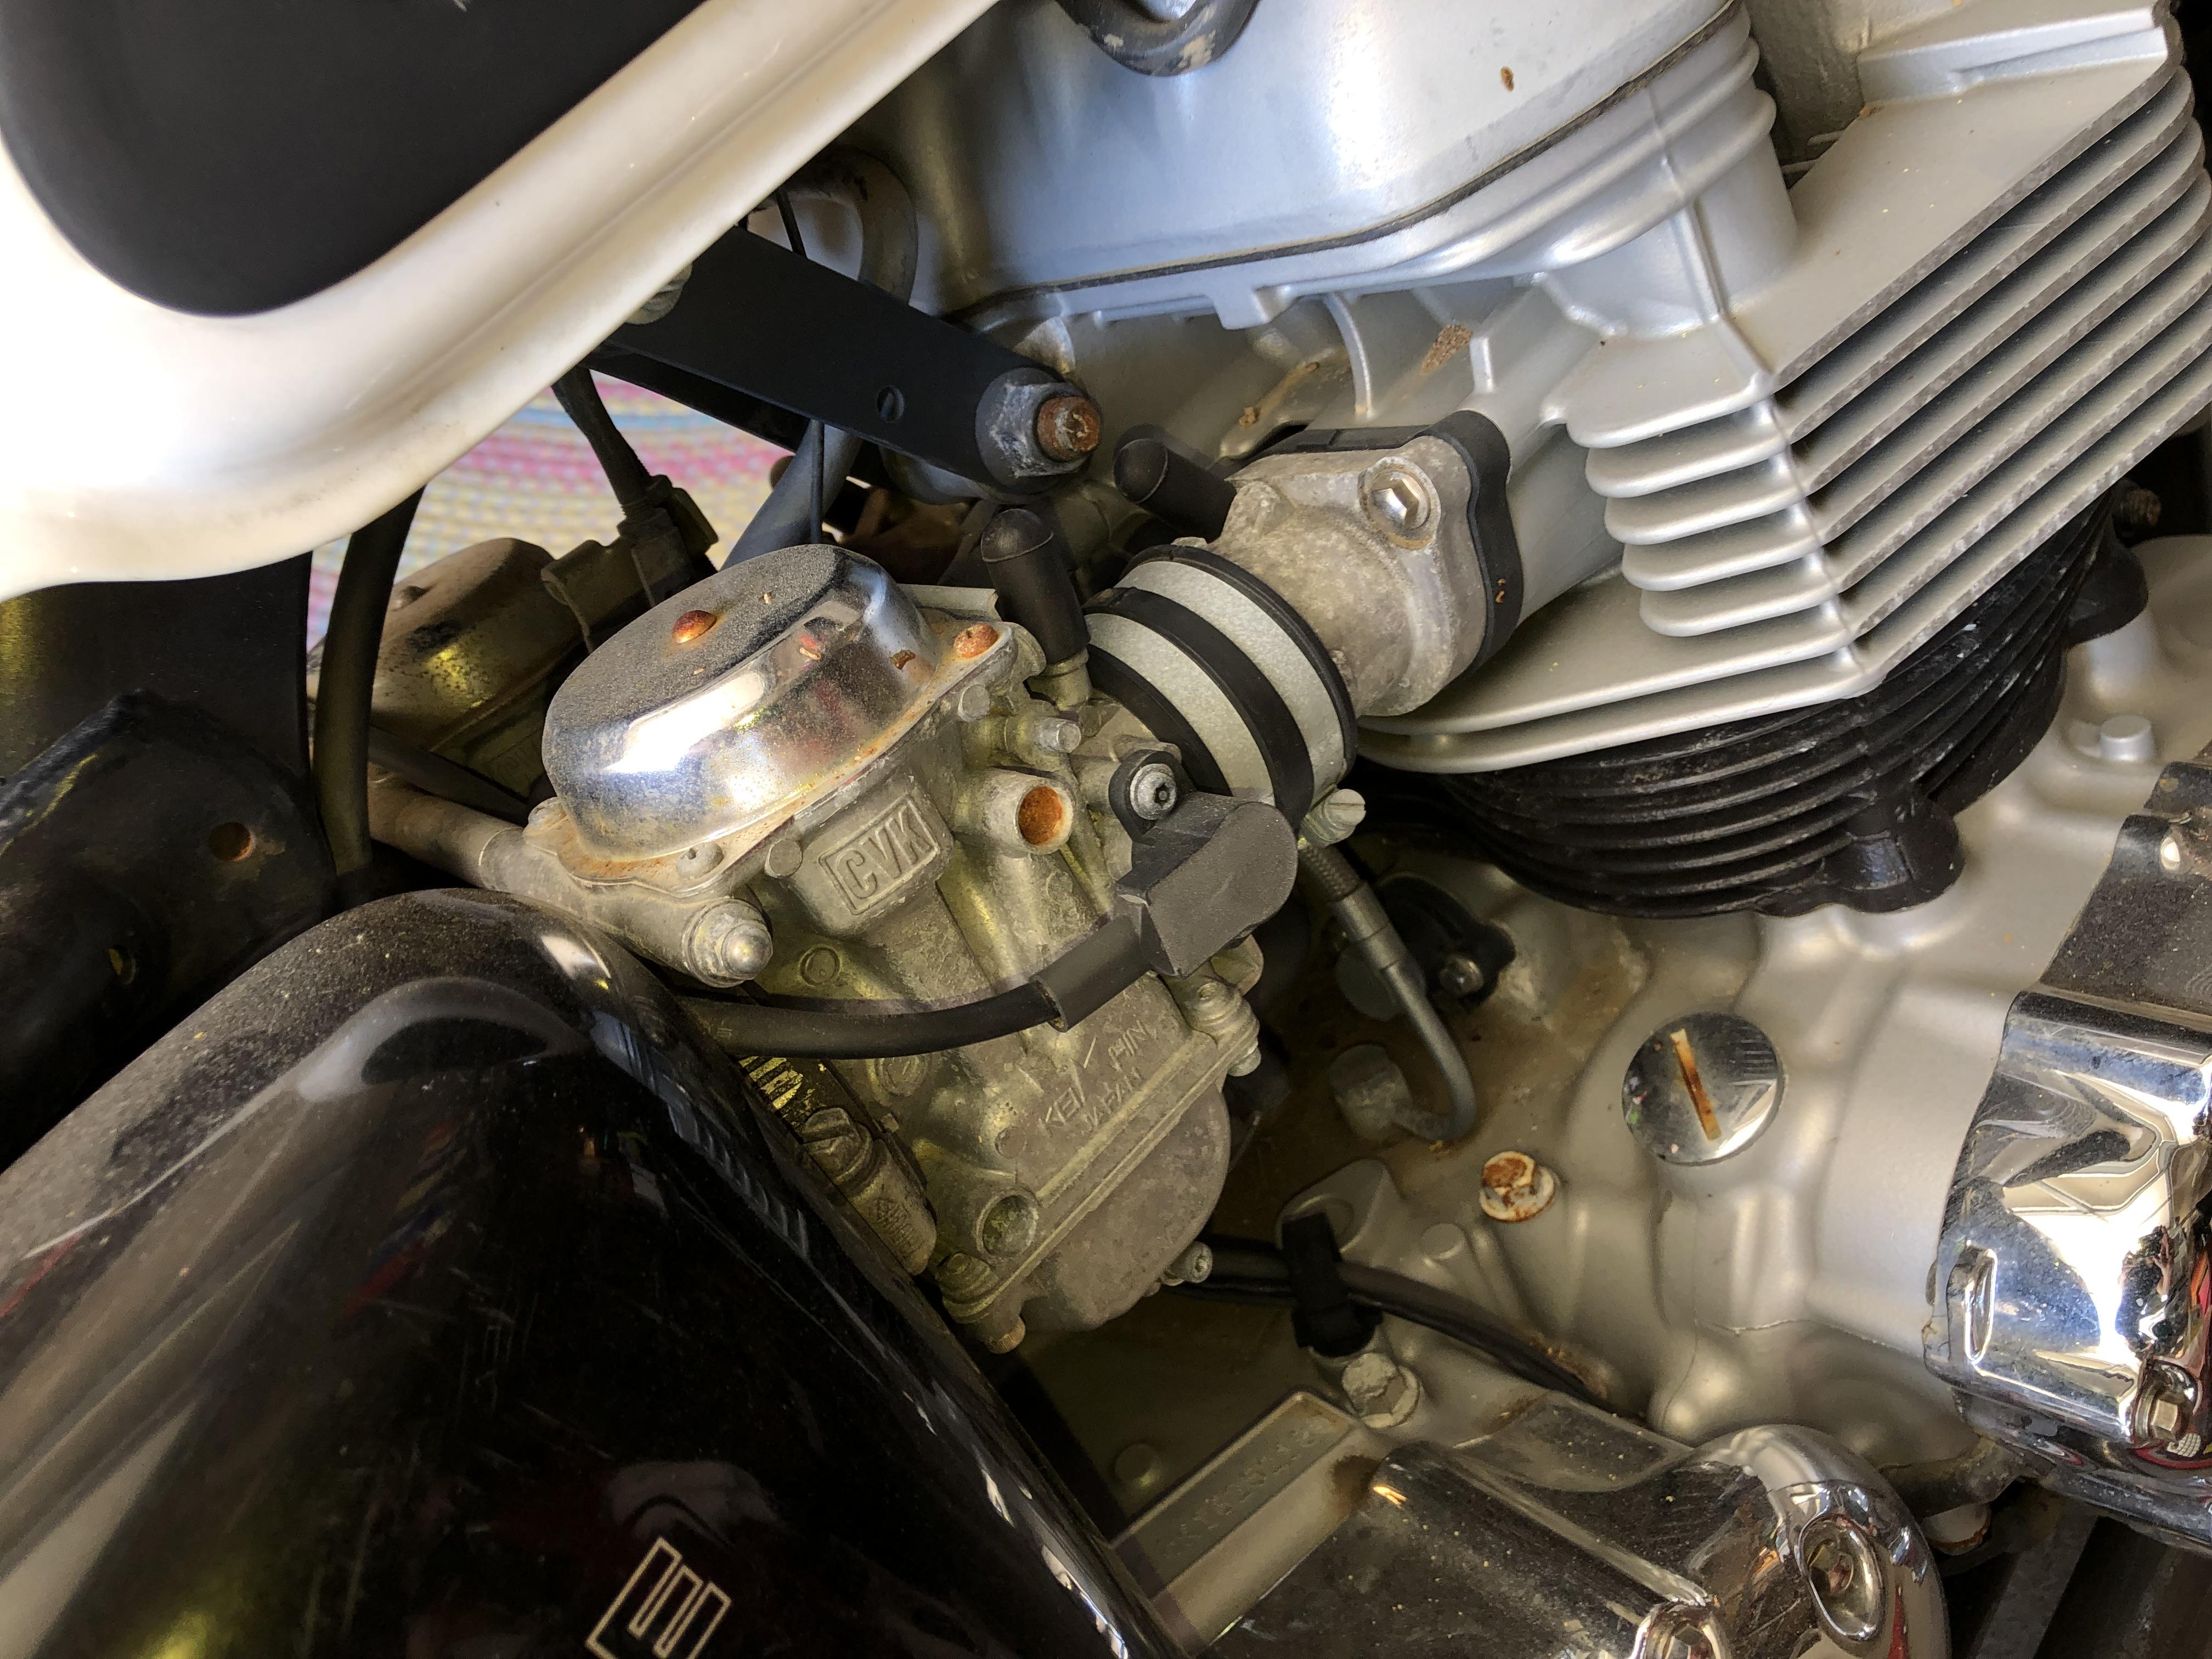 06 T-100 Tangerine Non-Op Project-rusty-bits.jpg